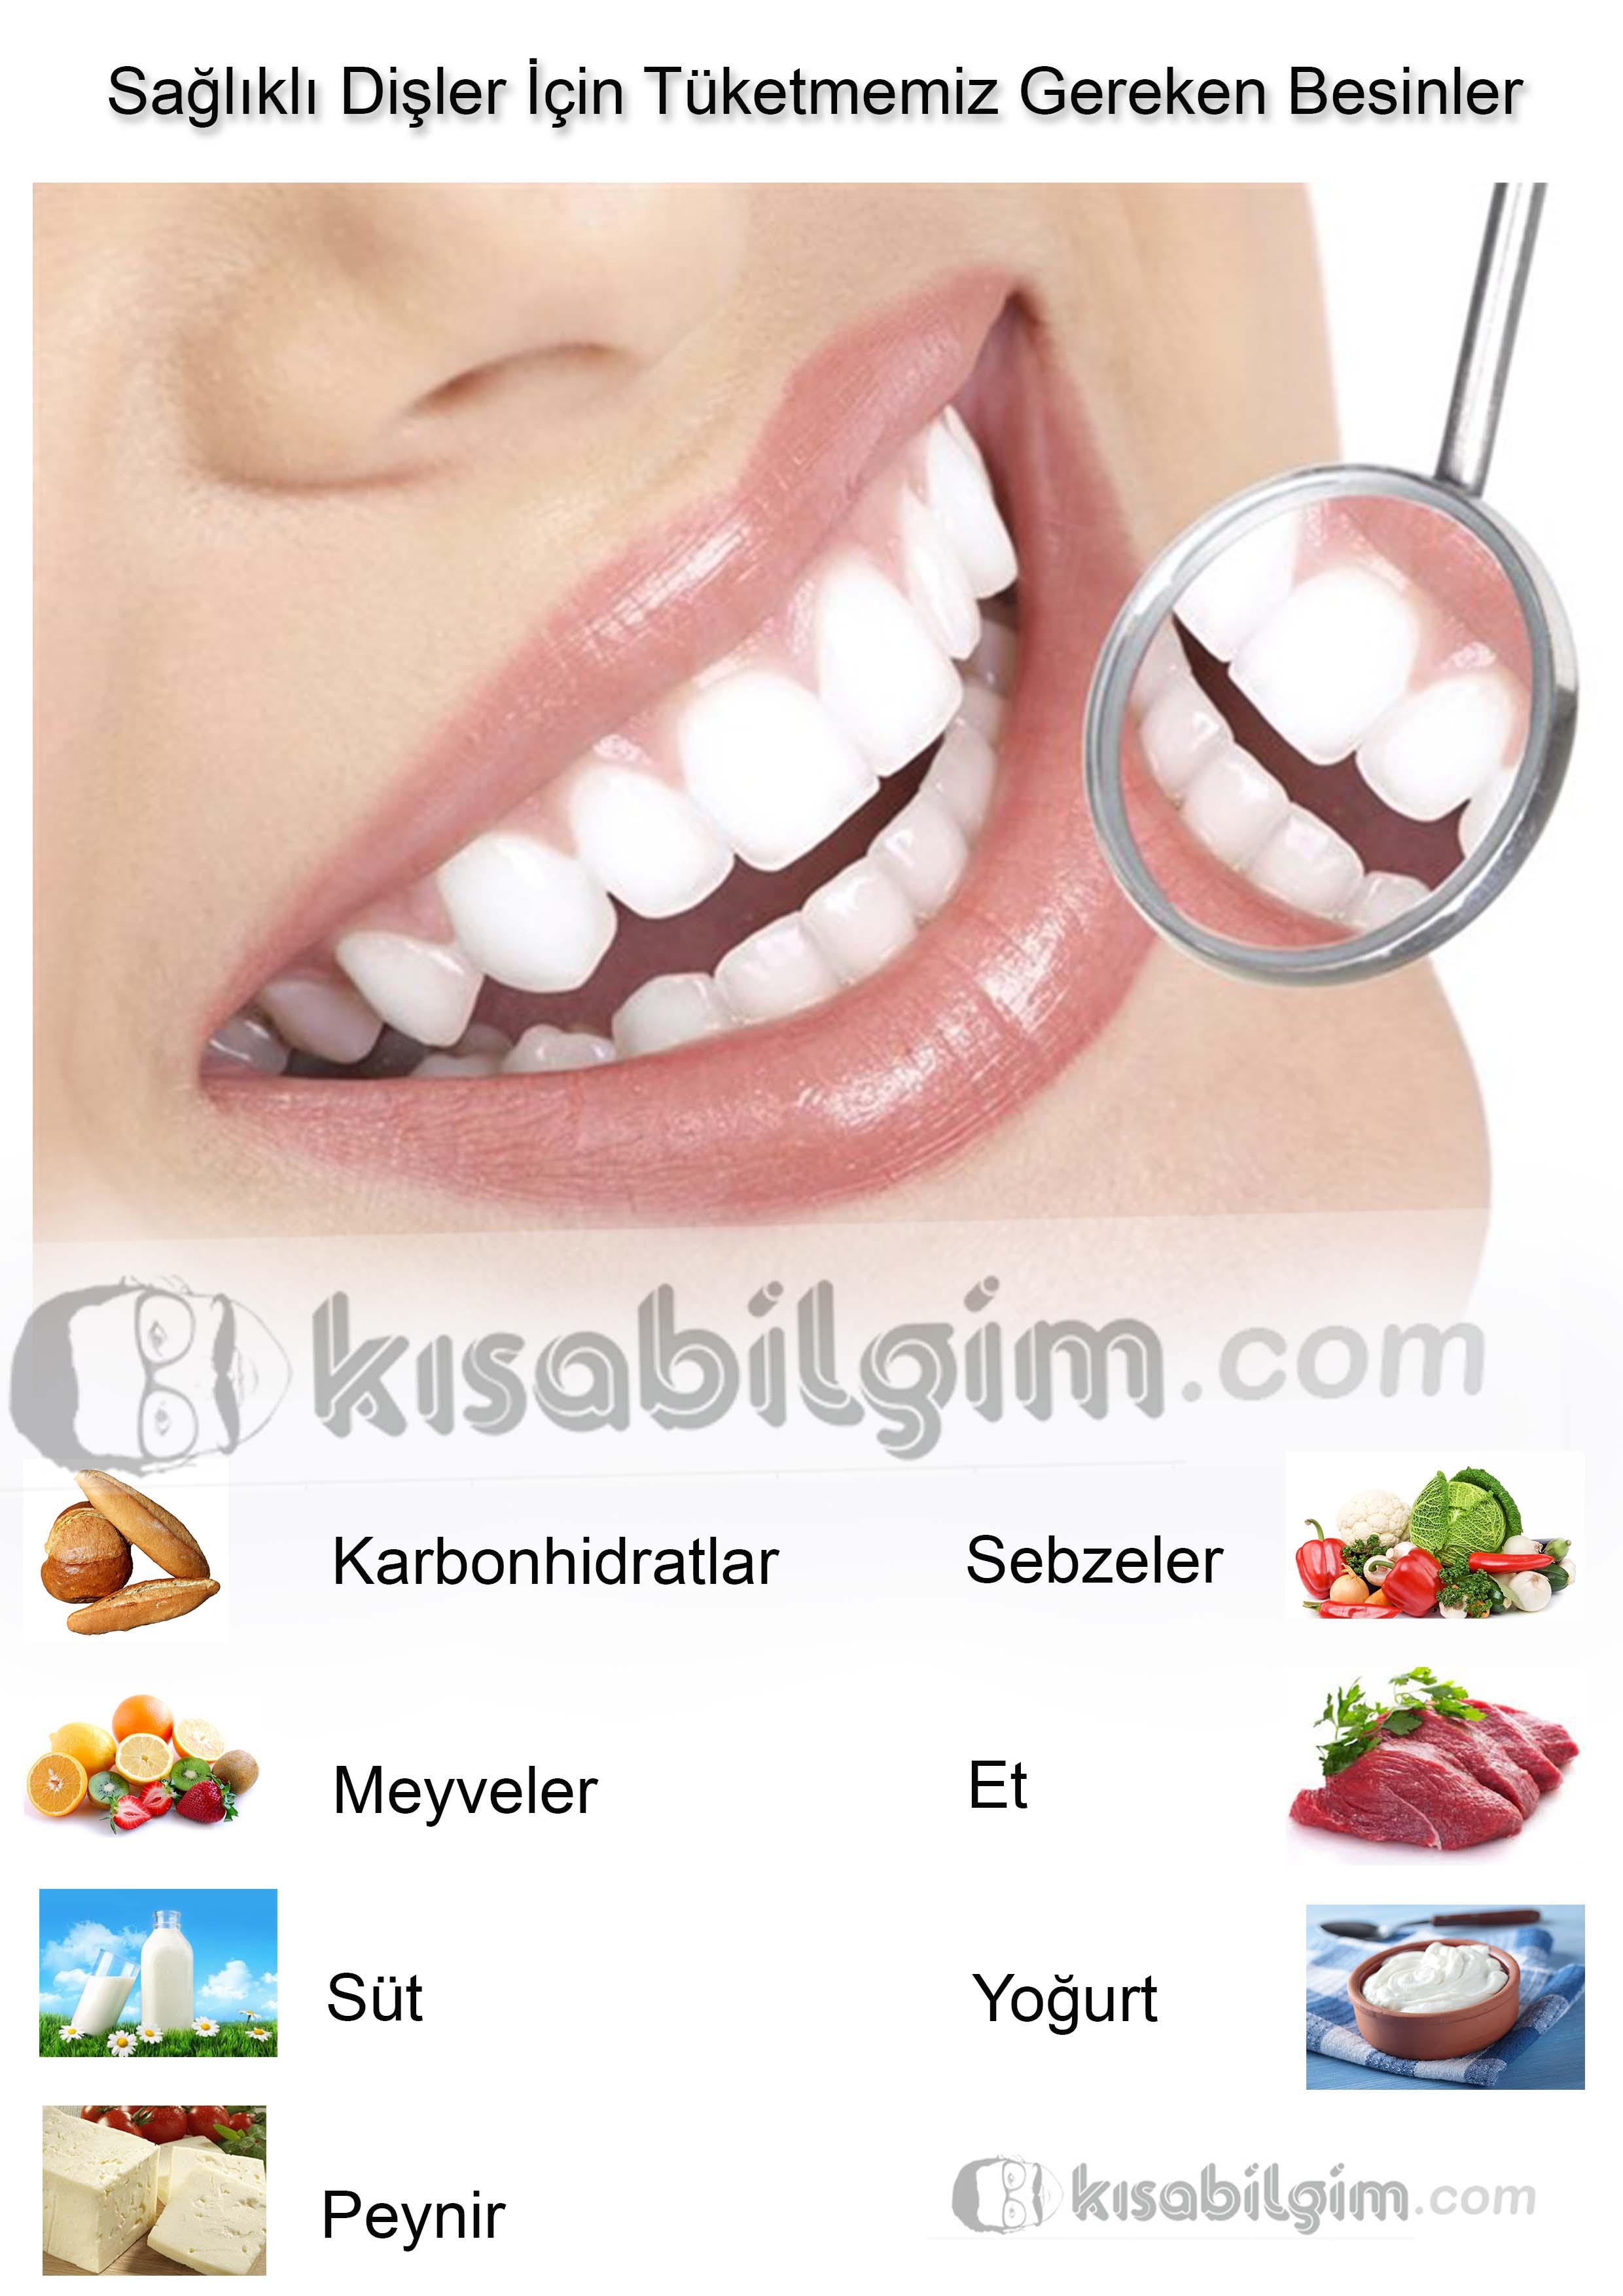 Dişlerinizin sağlıklı olması için tüketmeniz gereken besin maddeleri